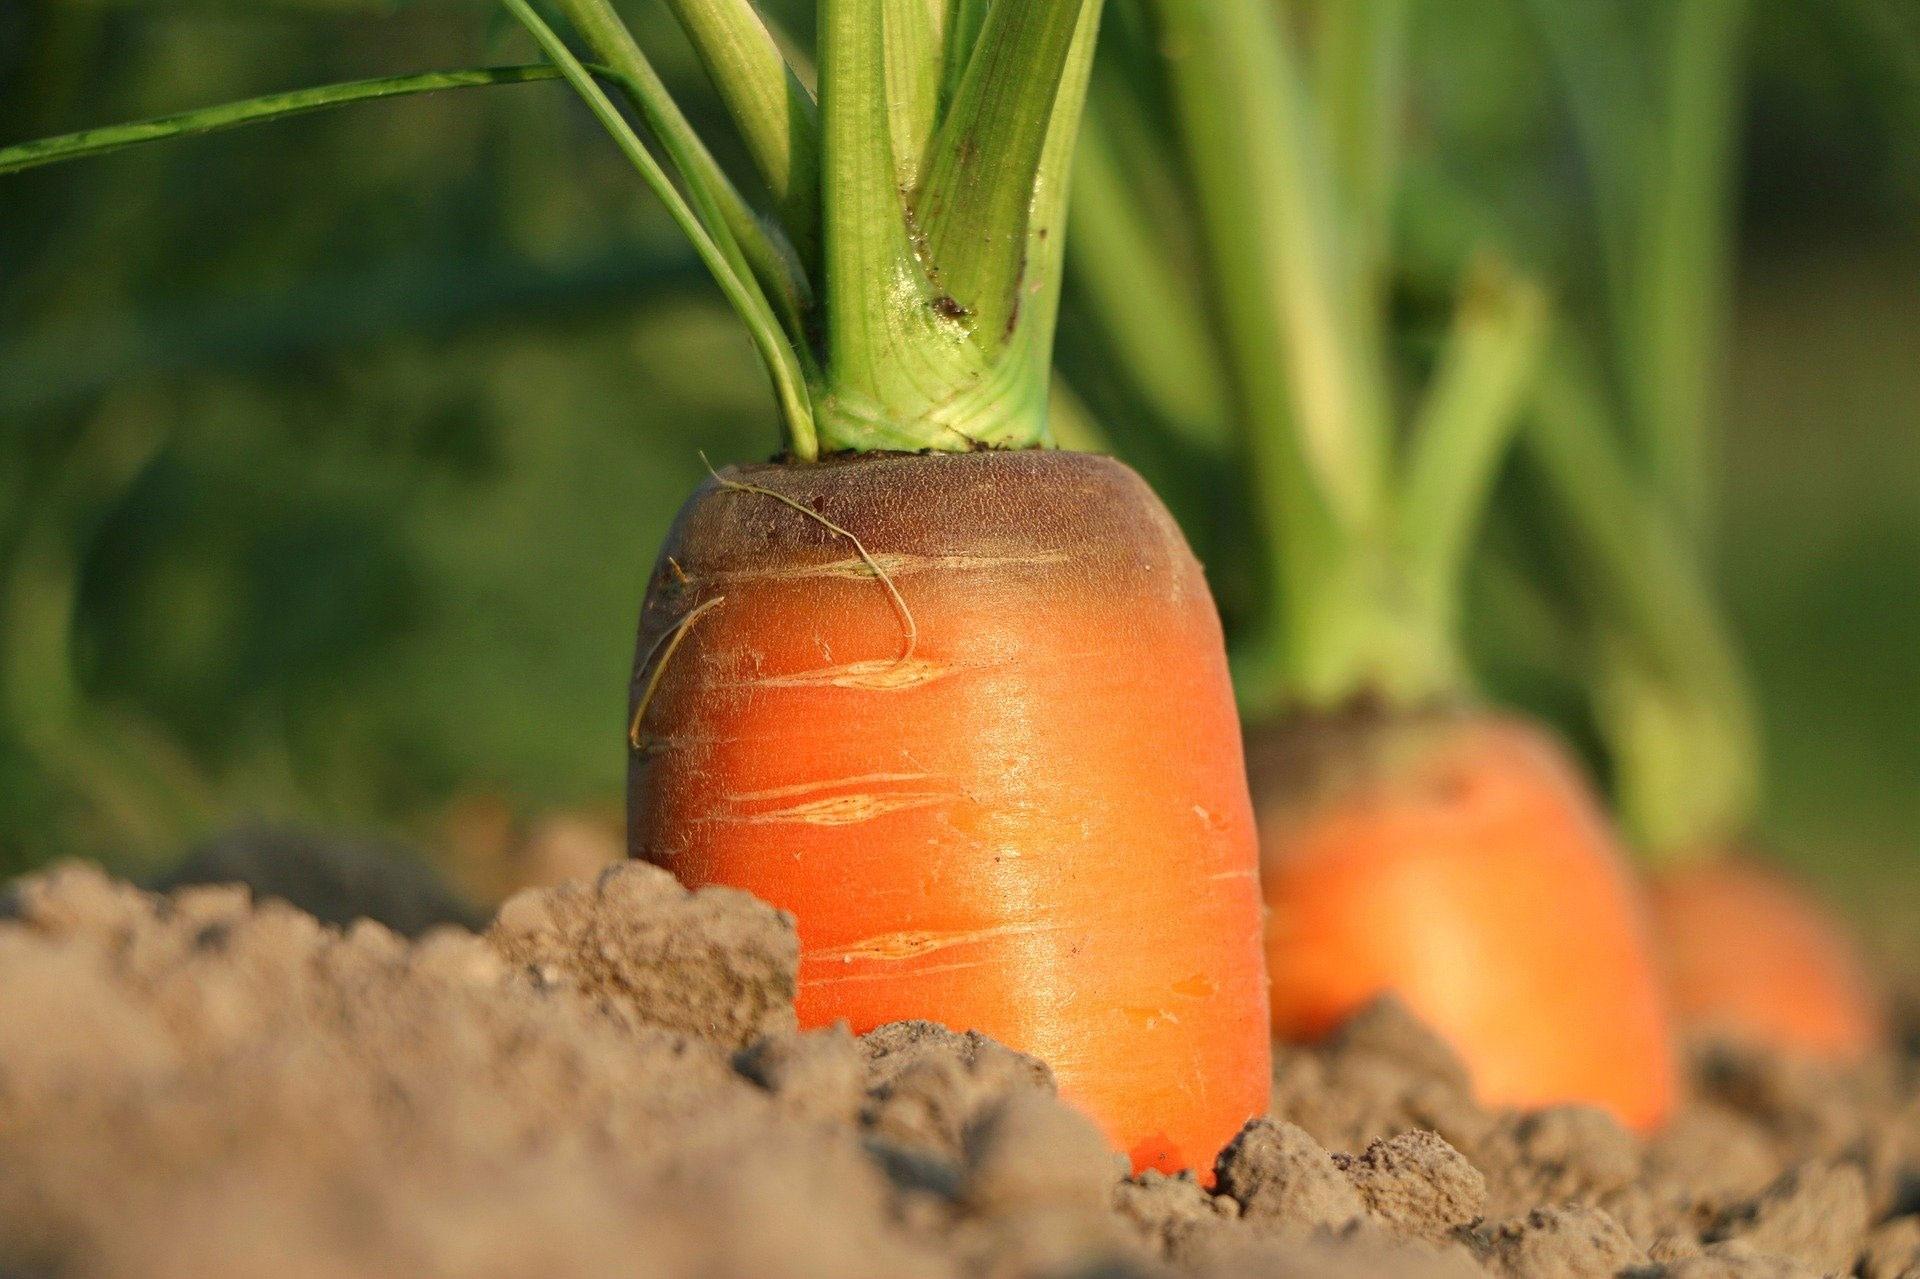 La zanahoria es una hortaliza bianual. Durante el primer ciclo, forma la raíz y las hojas, y en el segundo florece y semilla.